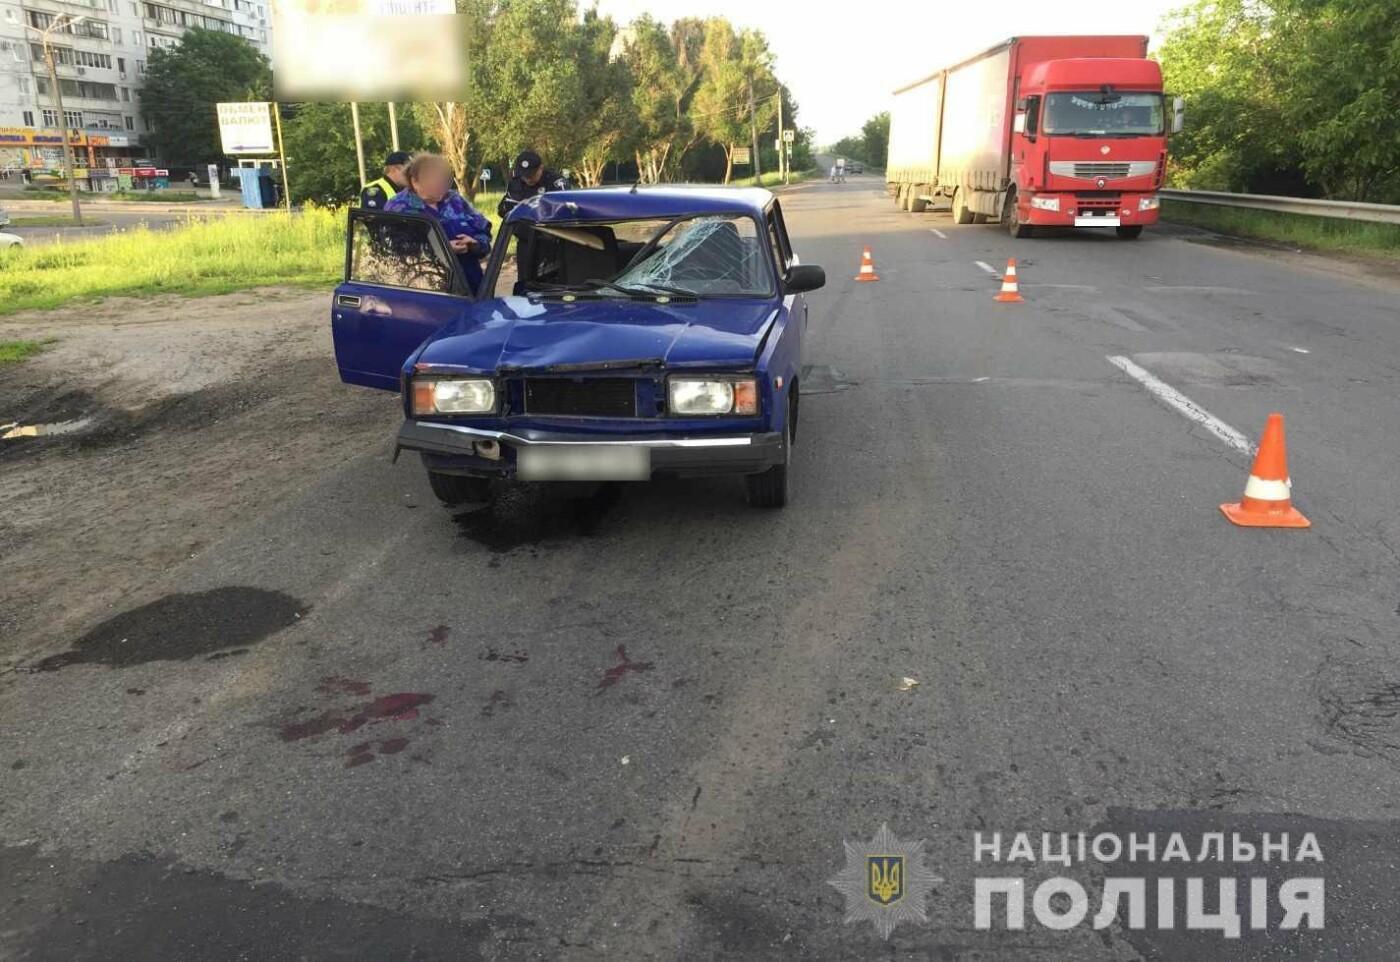 Харьковская полиция разыскивает свидетелей ДТП, в котором пострадал пешеход, - ФОТО, фото-3